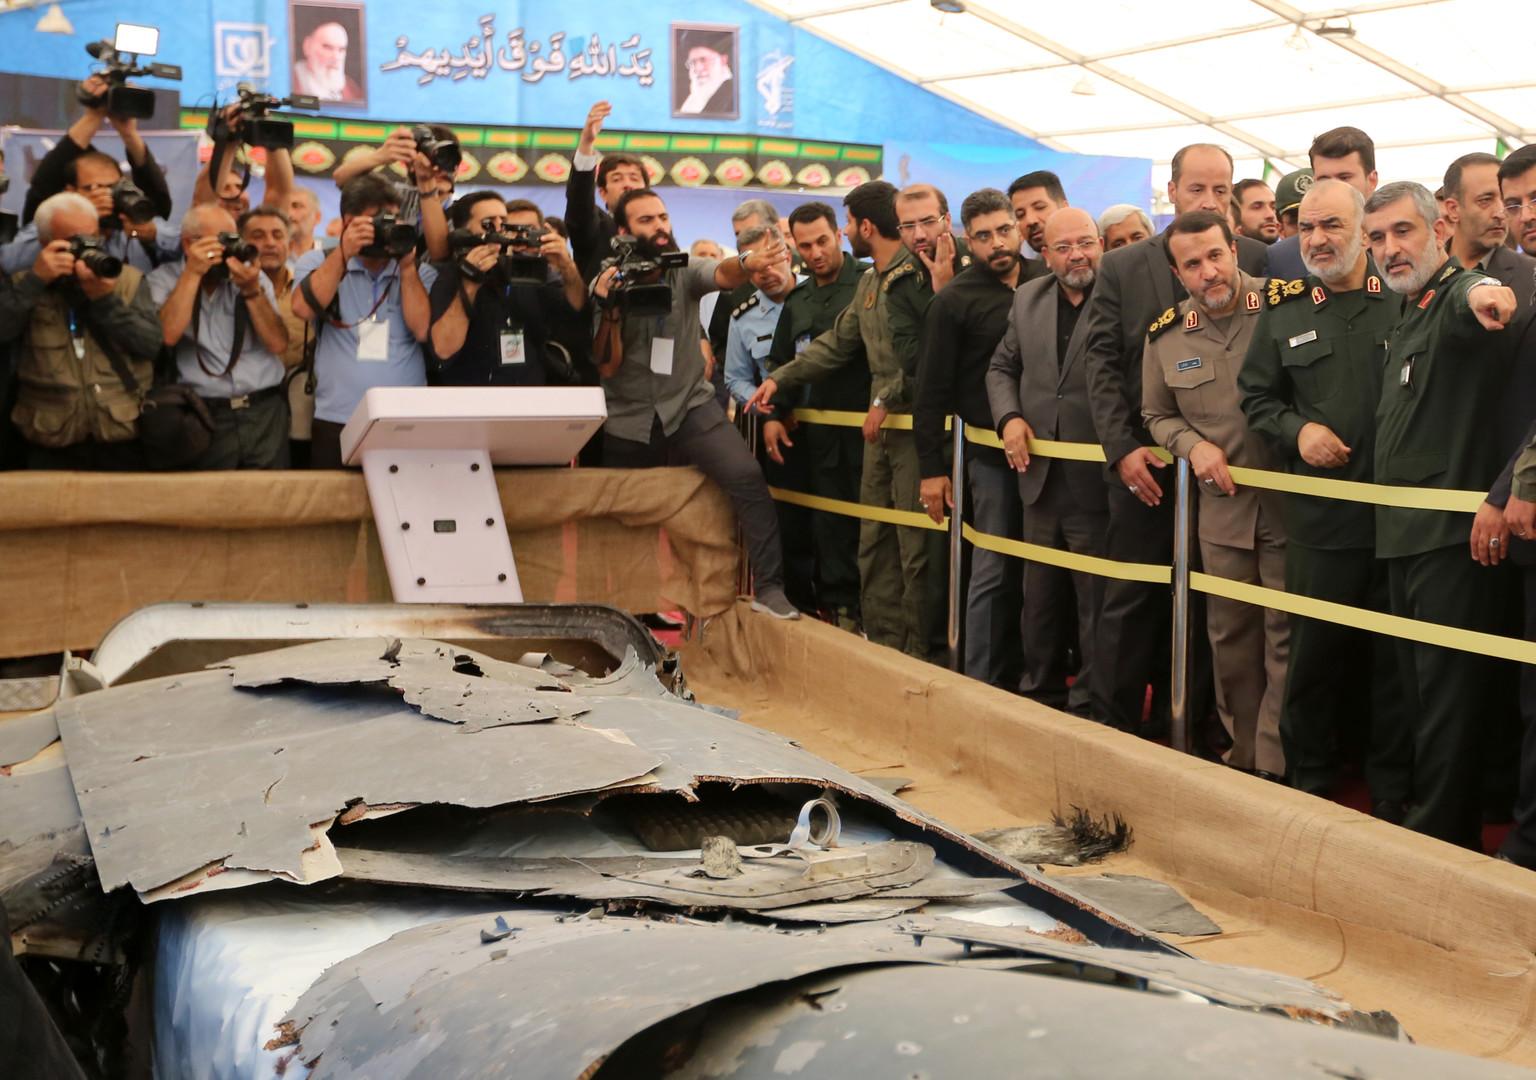 Iran zeigt über seinem Gebiet abgeschossene Drohnen der Öffentlichkeit